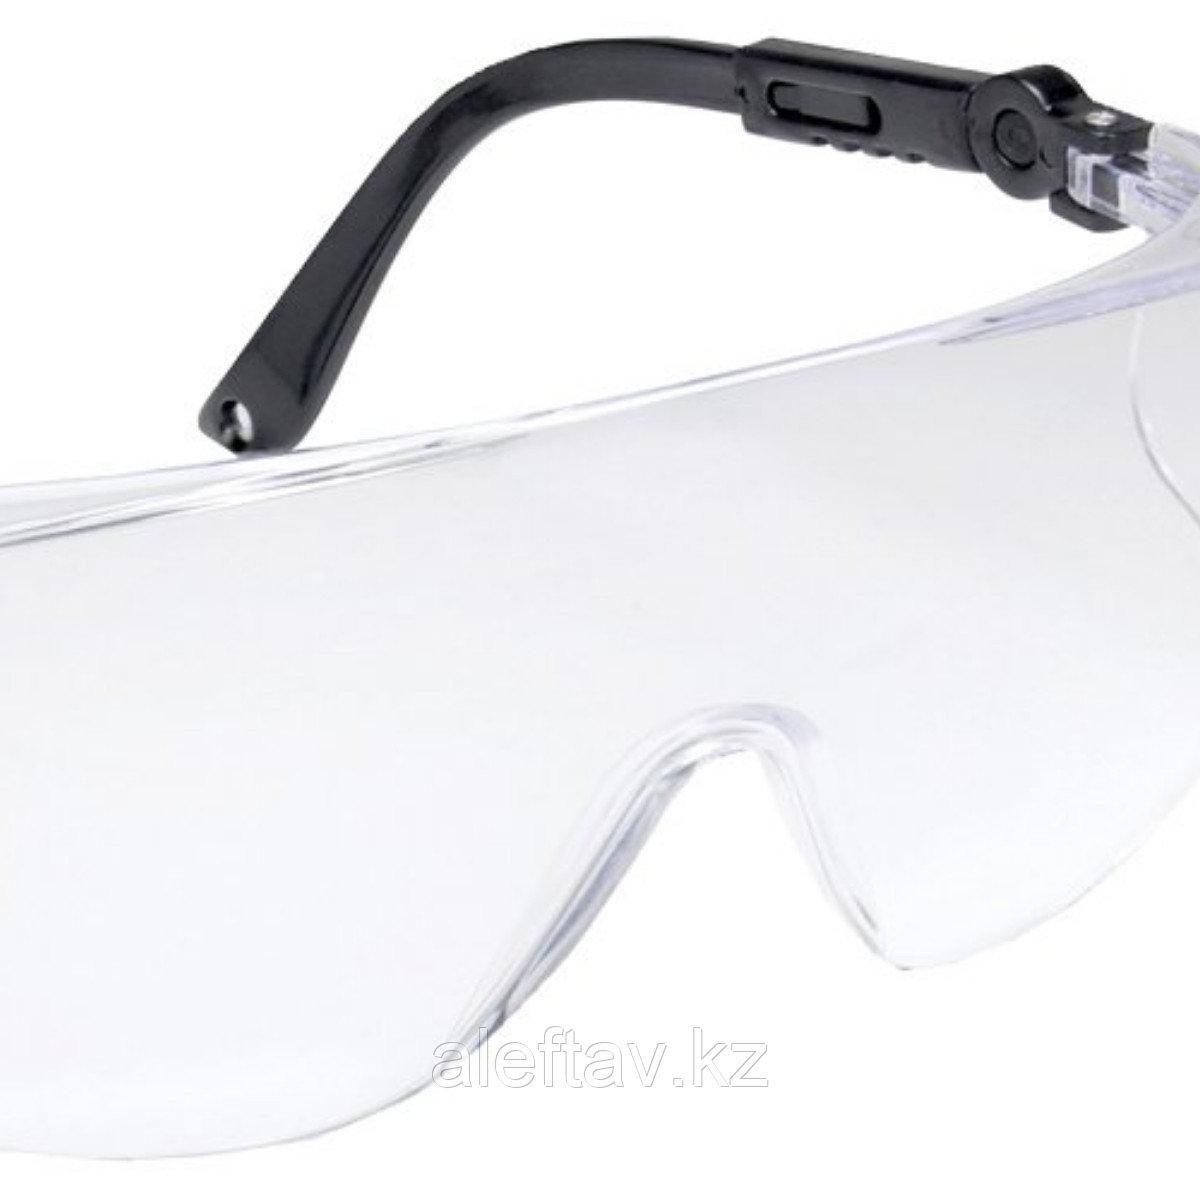 Очки защитные с открытой панорамой по бокам